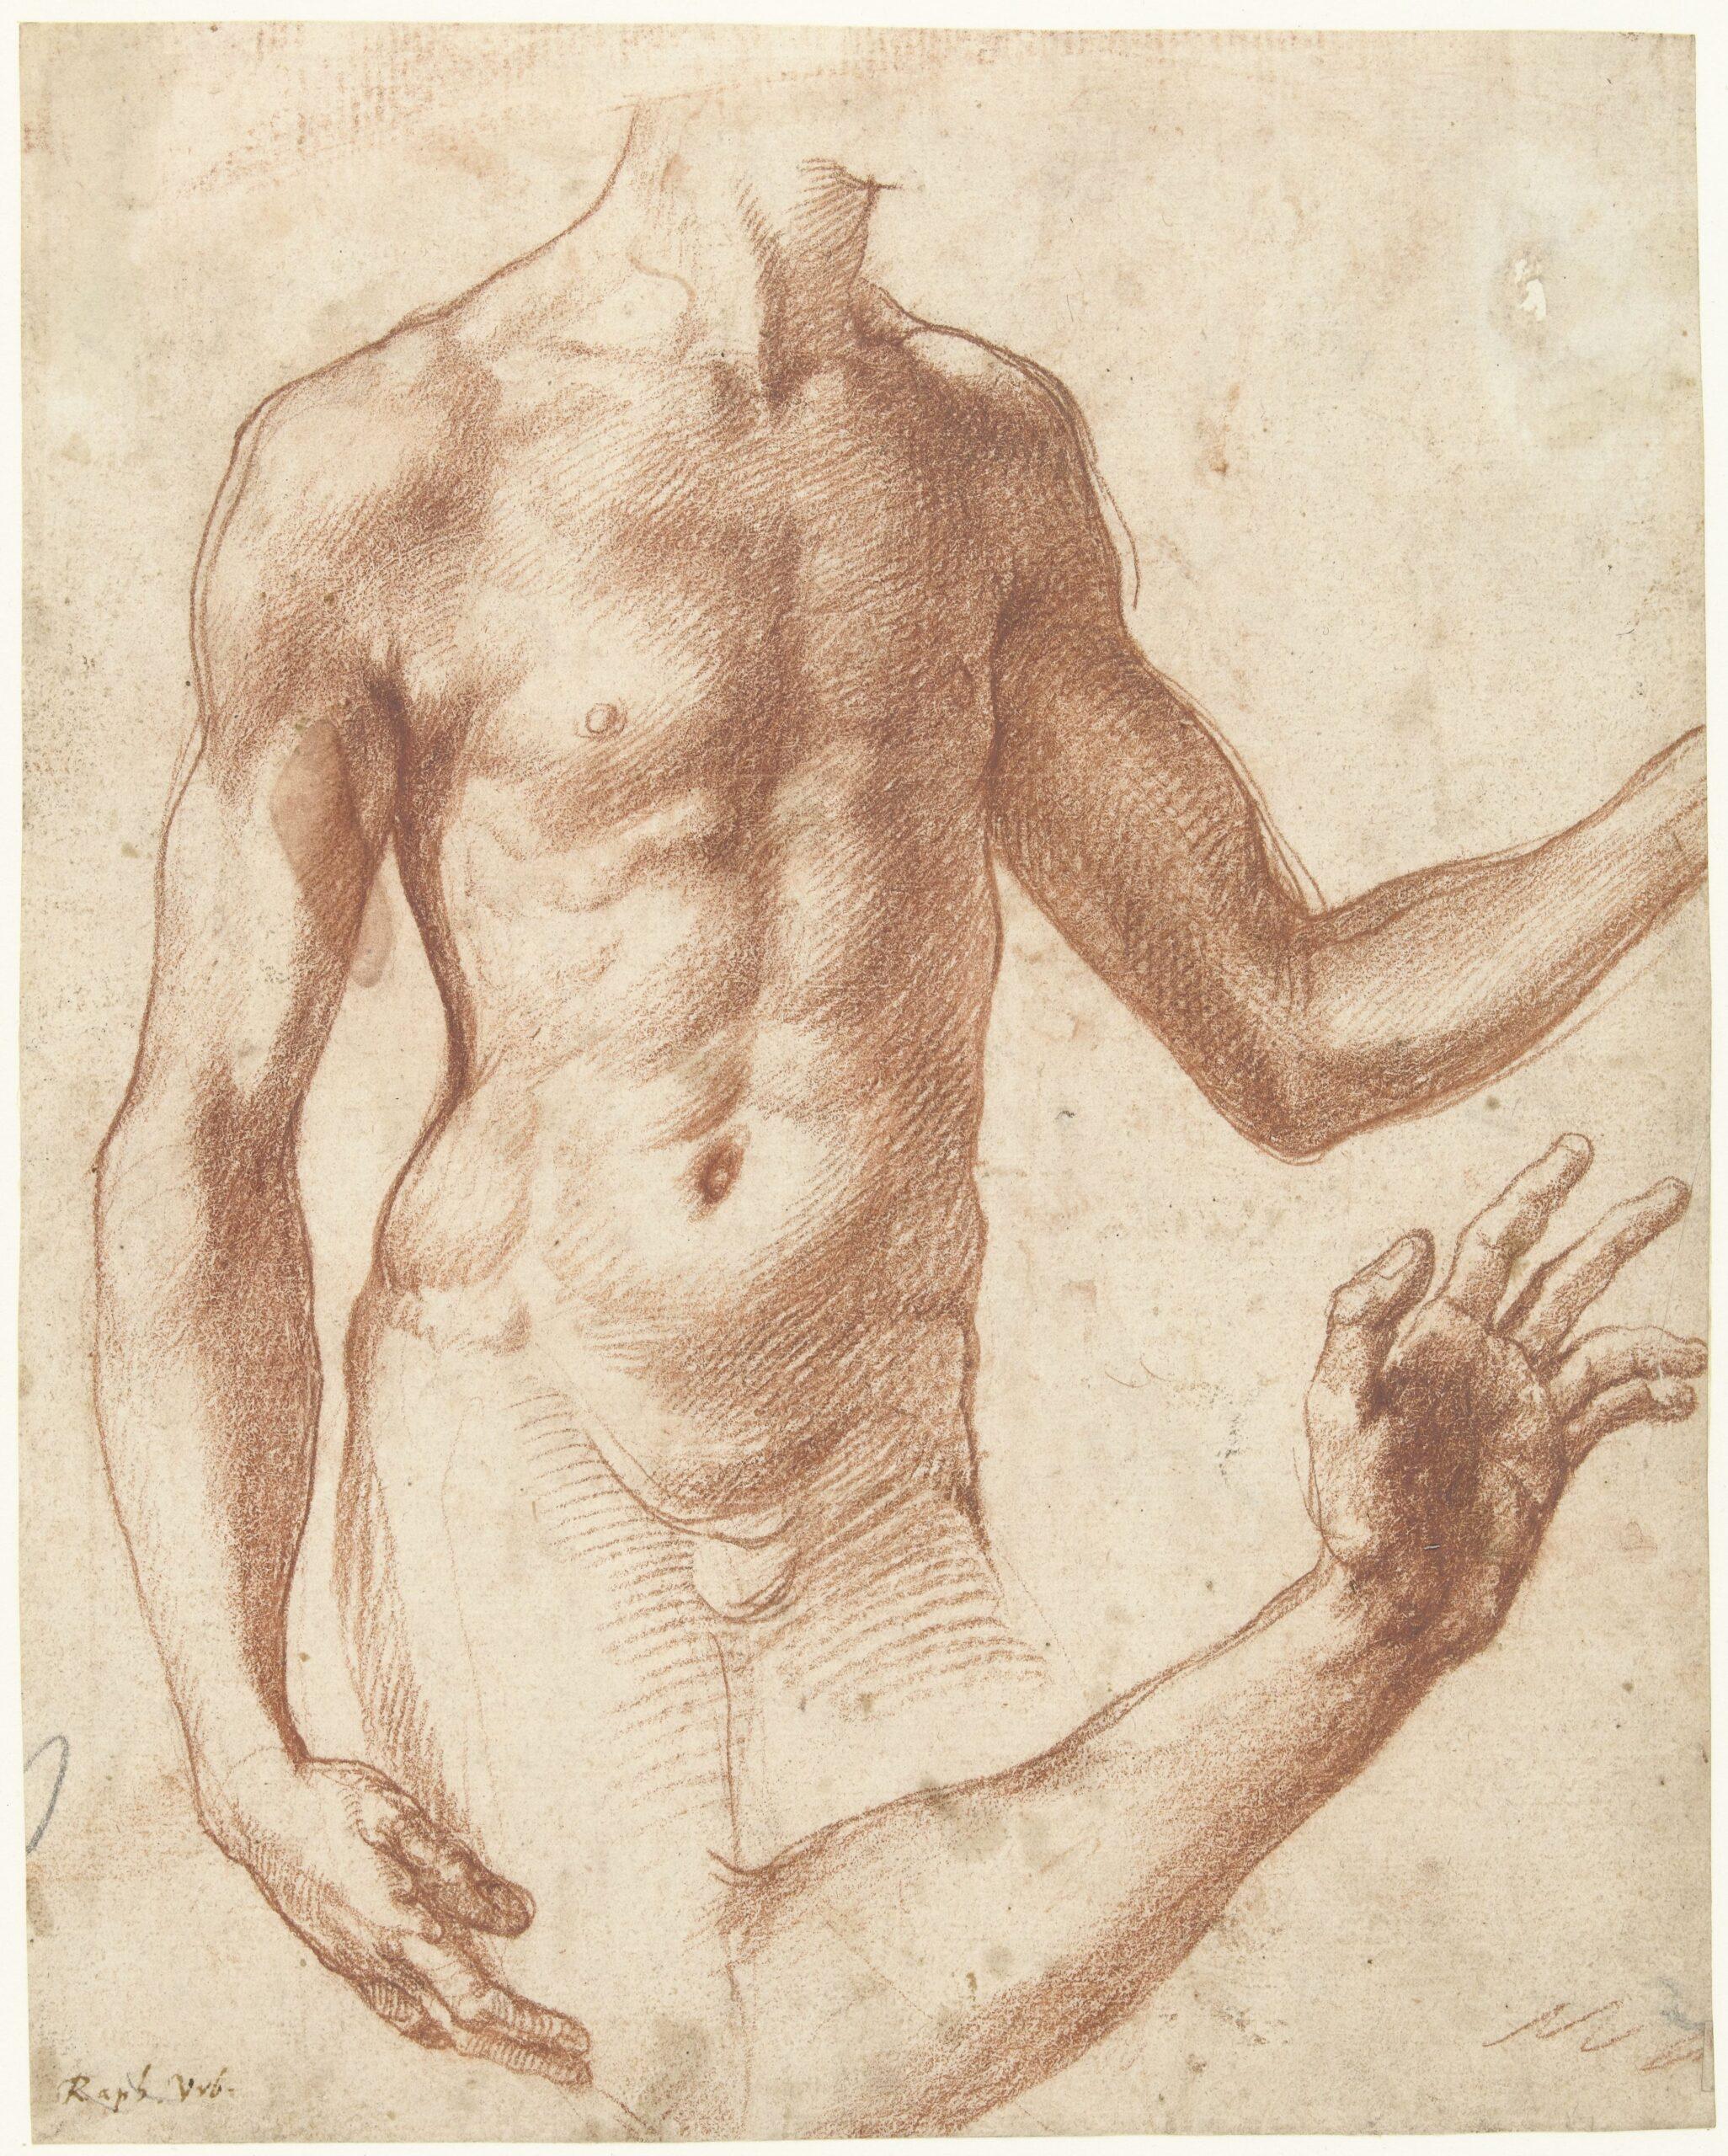 Perino del Vaga (1500-1547), Study of a torso, ca. 1511-34Rijksmuseum, Amsterdam